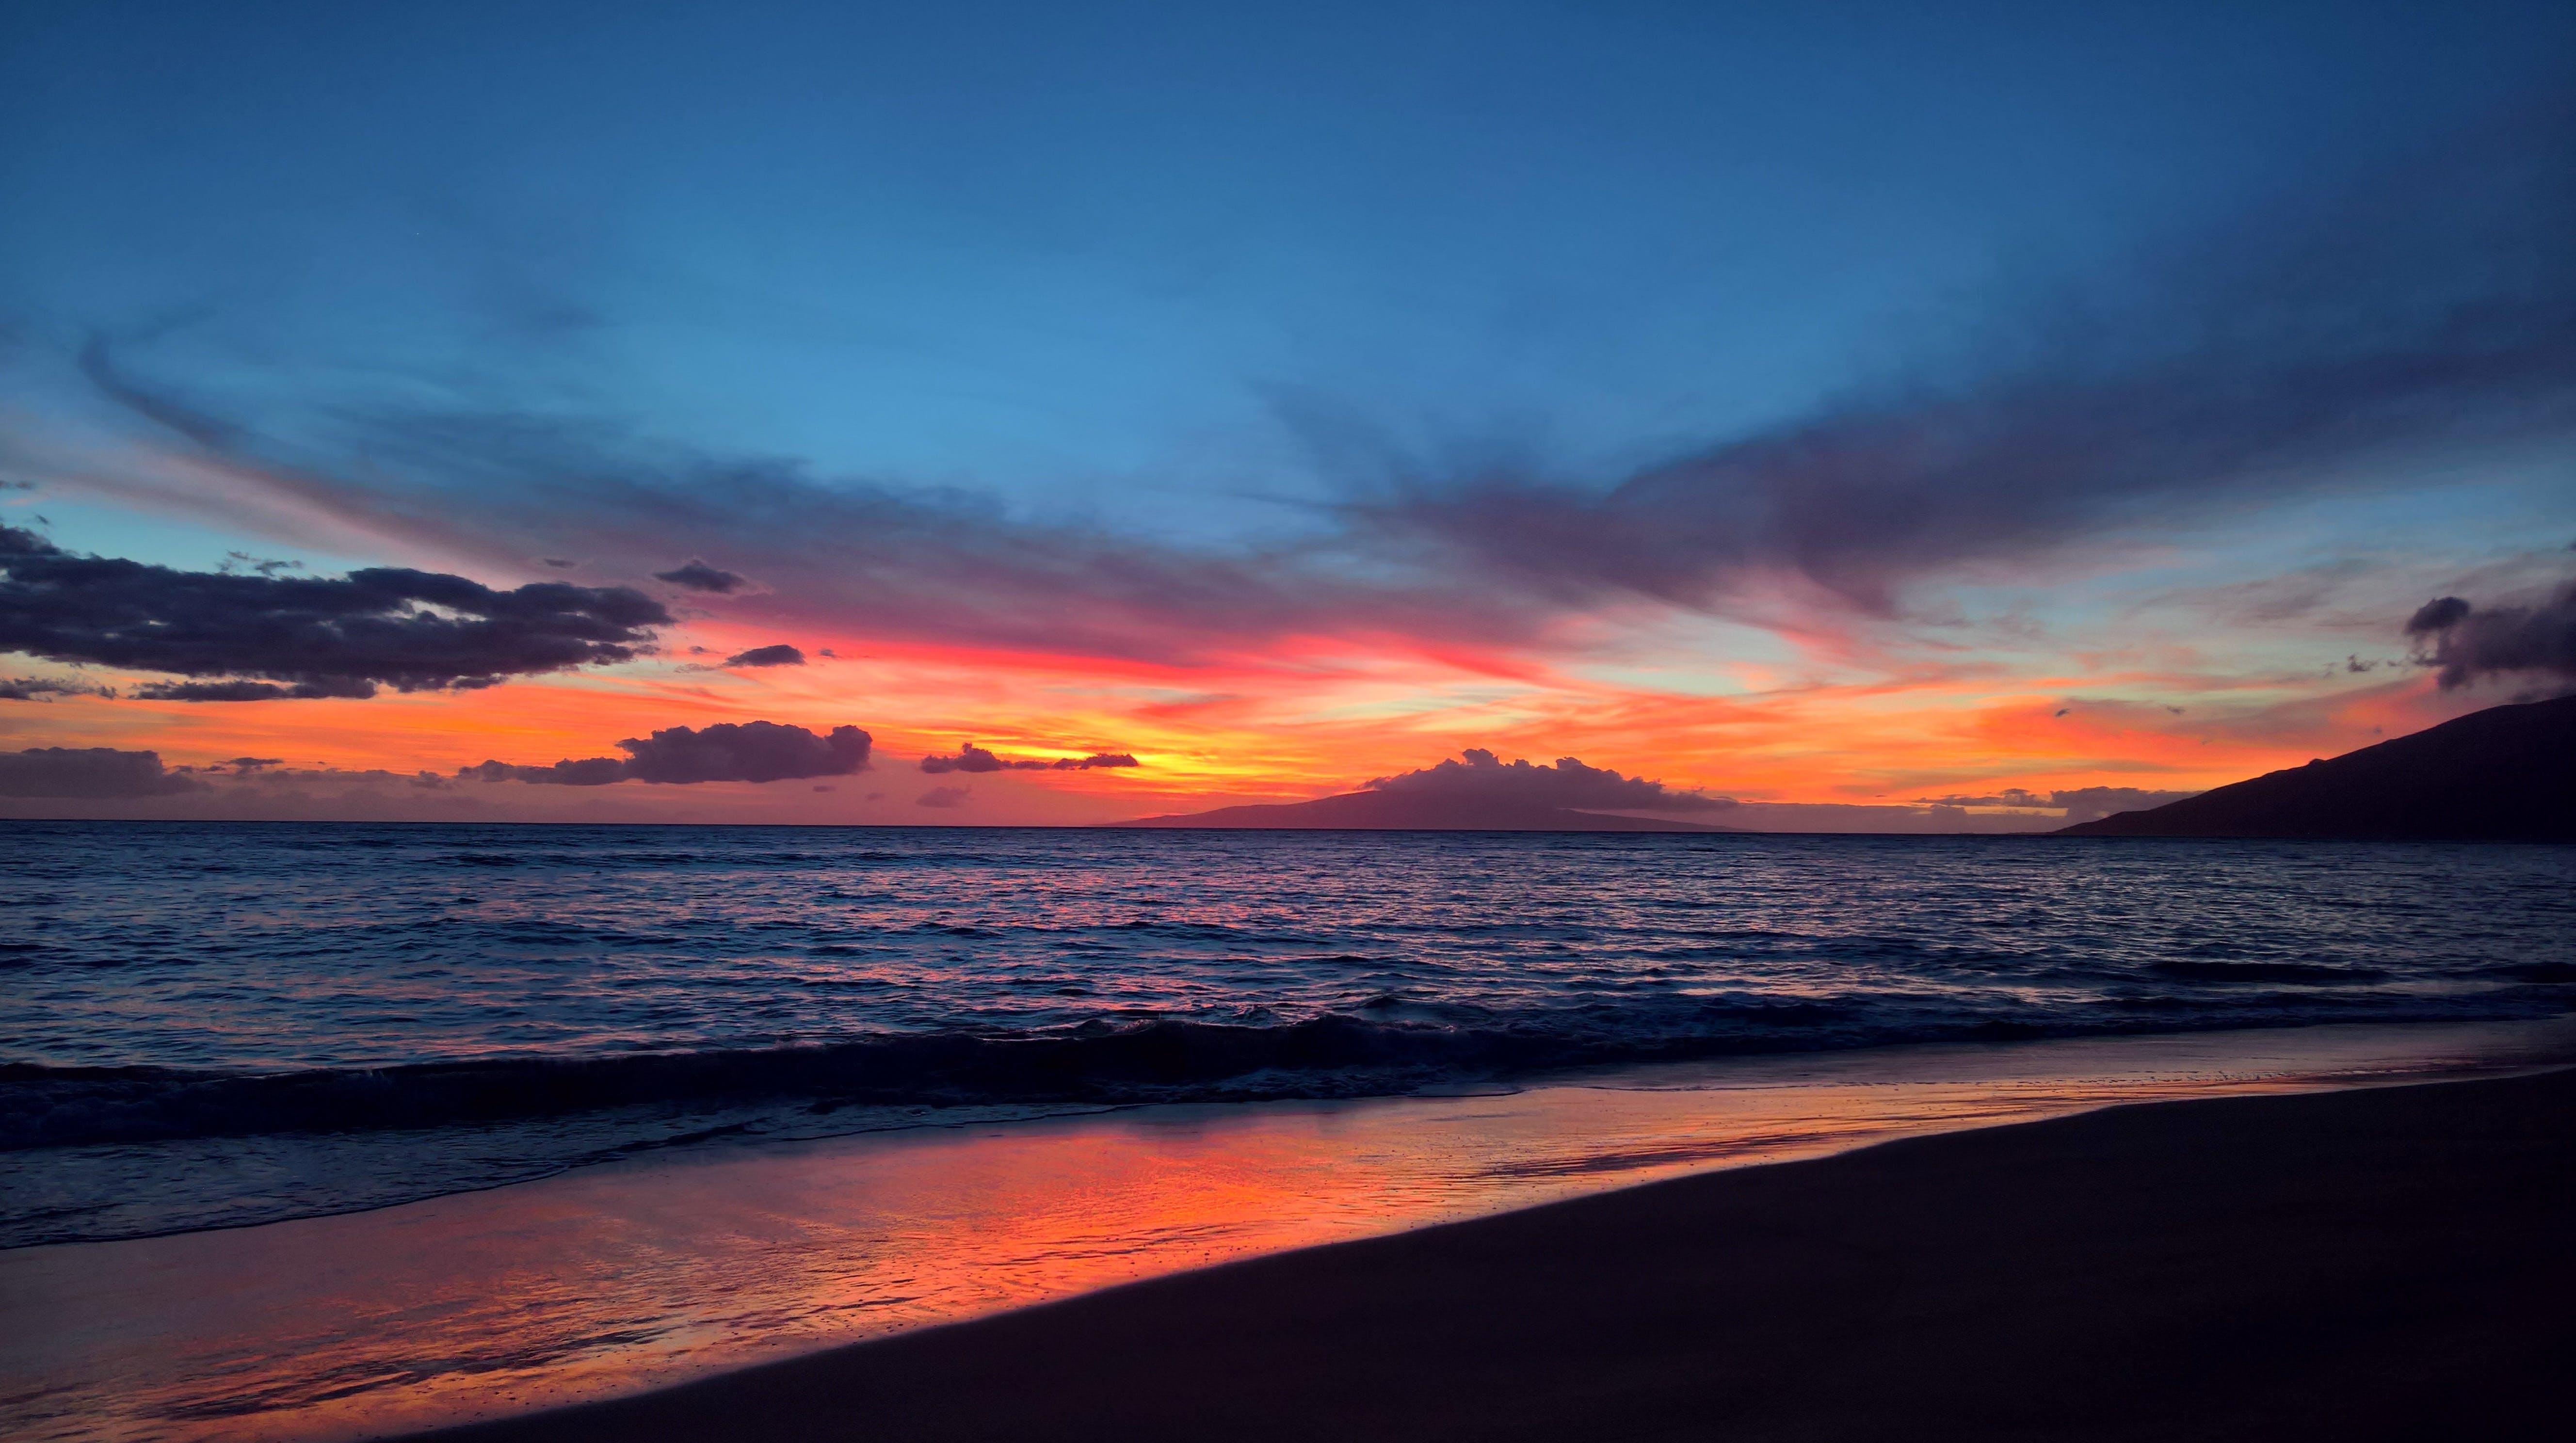 คลังภาพถ่ายฟรี ของ การสะท้อน, ชายหาด, ดวงอาทิตย์, ตอนเย็น